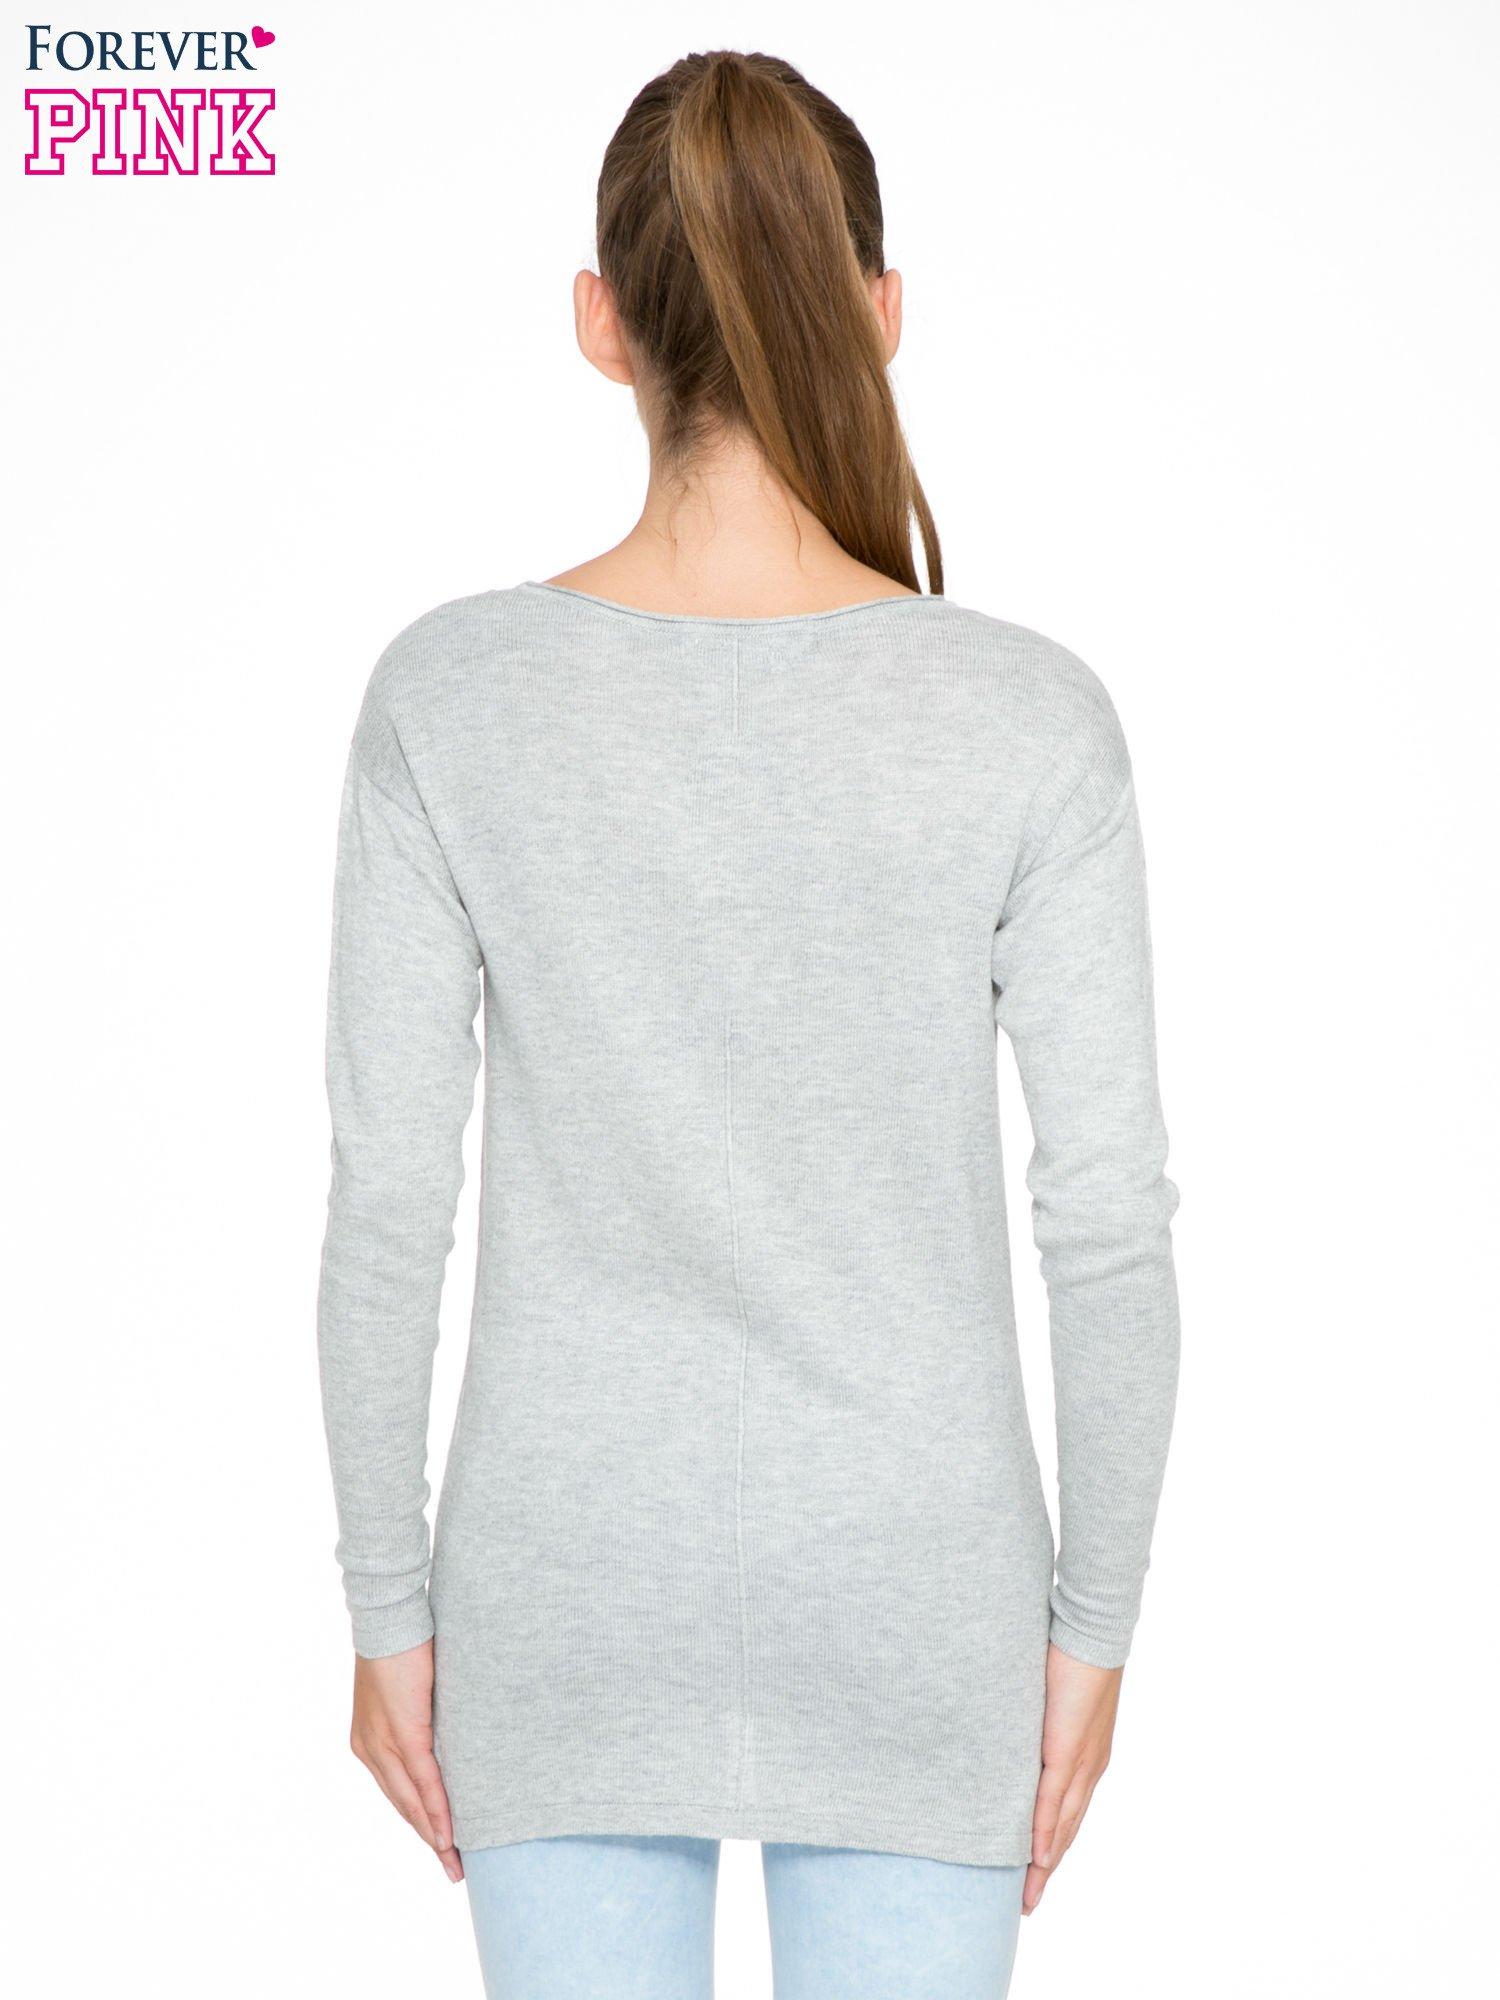 Szary sweter z dłuższym tyłem i rozporkami po bokach                                  zdj.                                  4